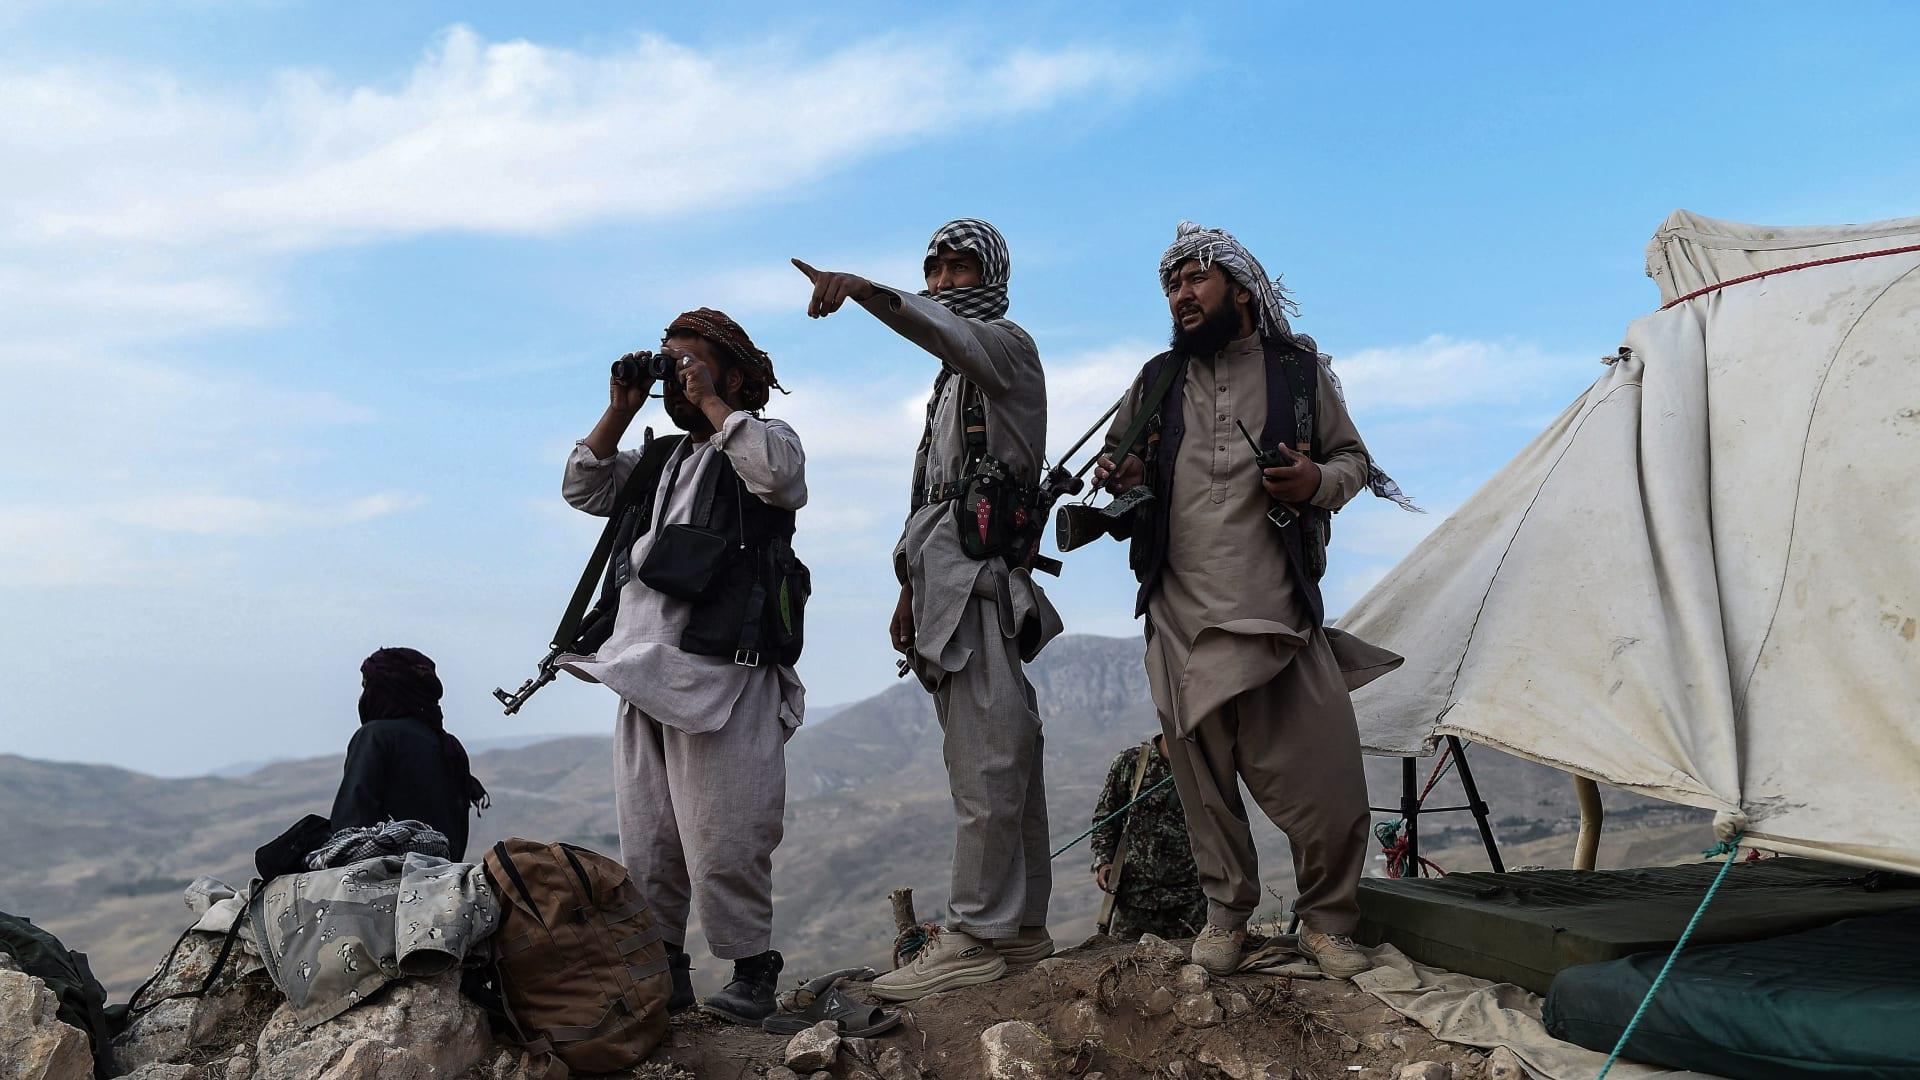 في هذه الصورة التي التقطت في 15 يوليو/ تموز 2021، يراقب مقاتلو الميليشيات الأفغانية في موقع ضد متمردي طالبان في منطقة تشاركينت في مقاطعة بلخ